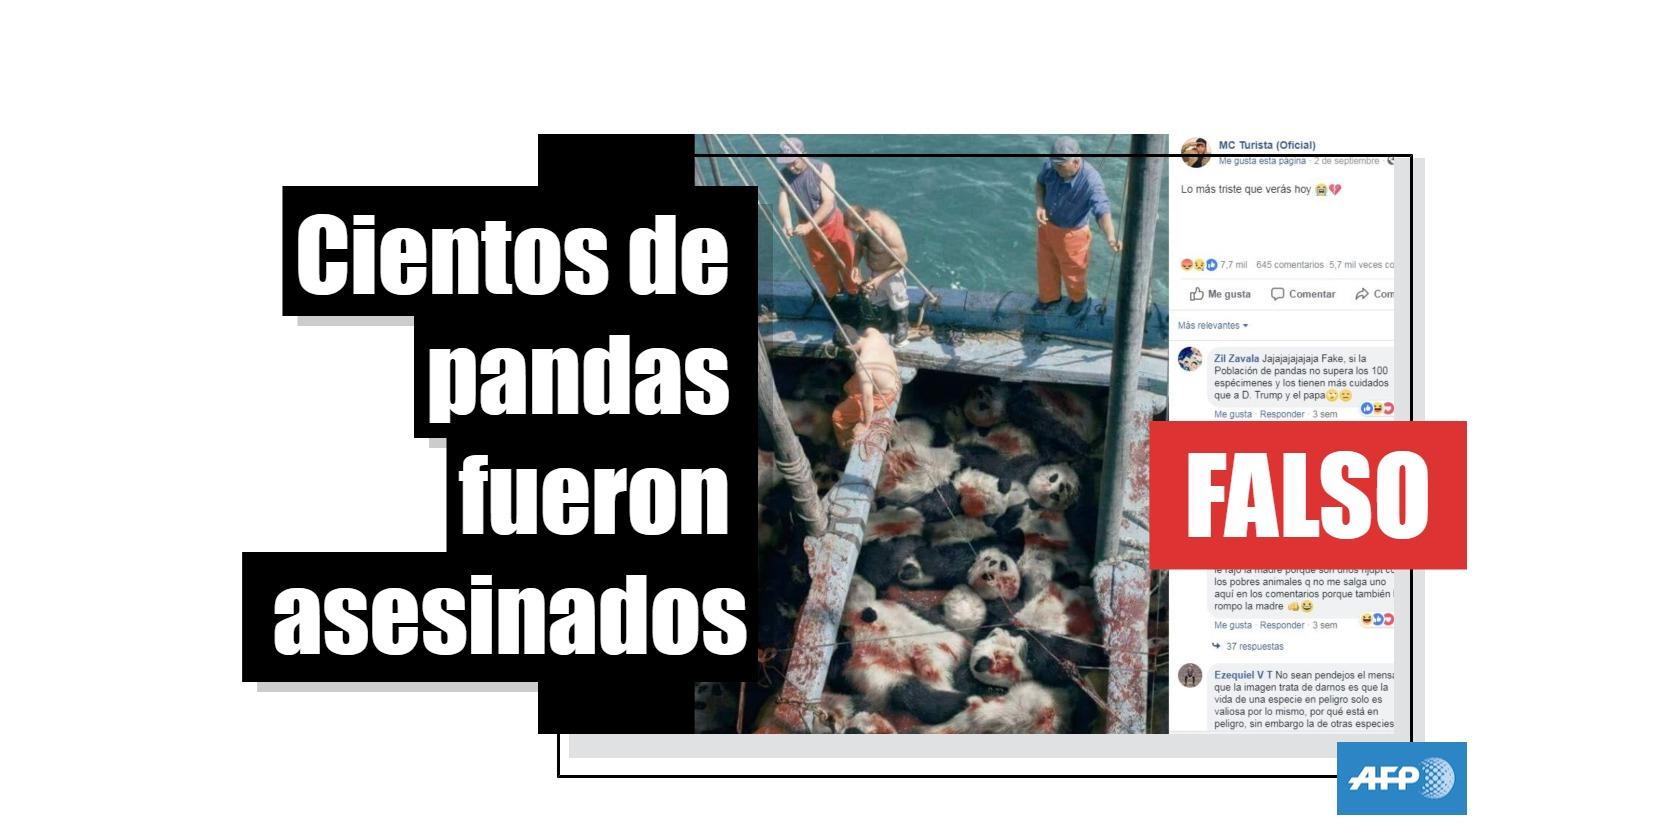 Captura de pantalla del 26 de septiembre de la publicación en Facebook que se hizo viral